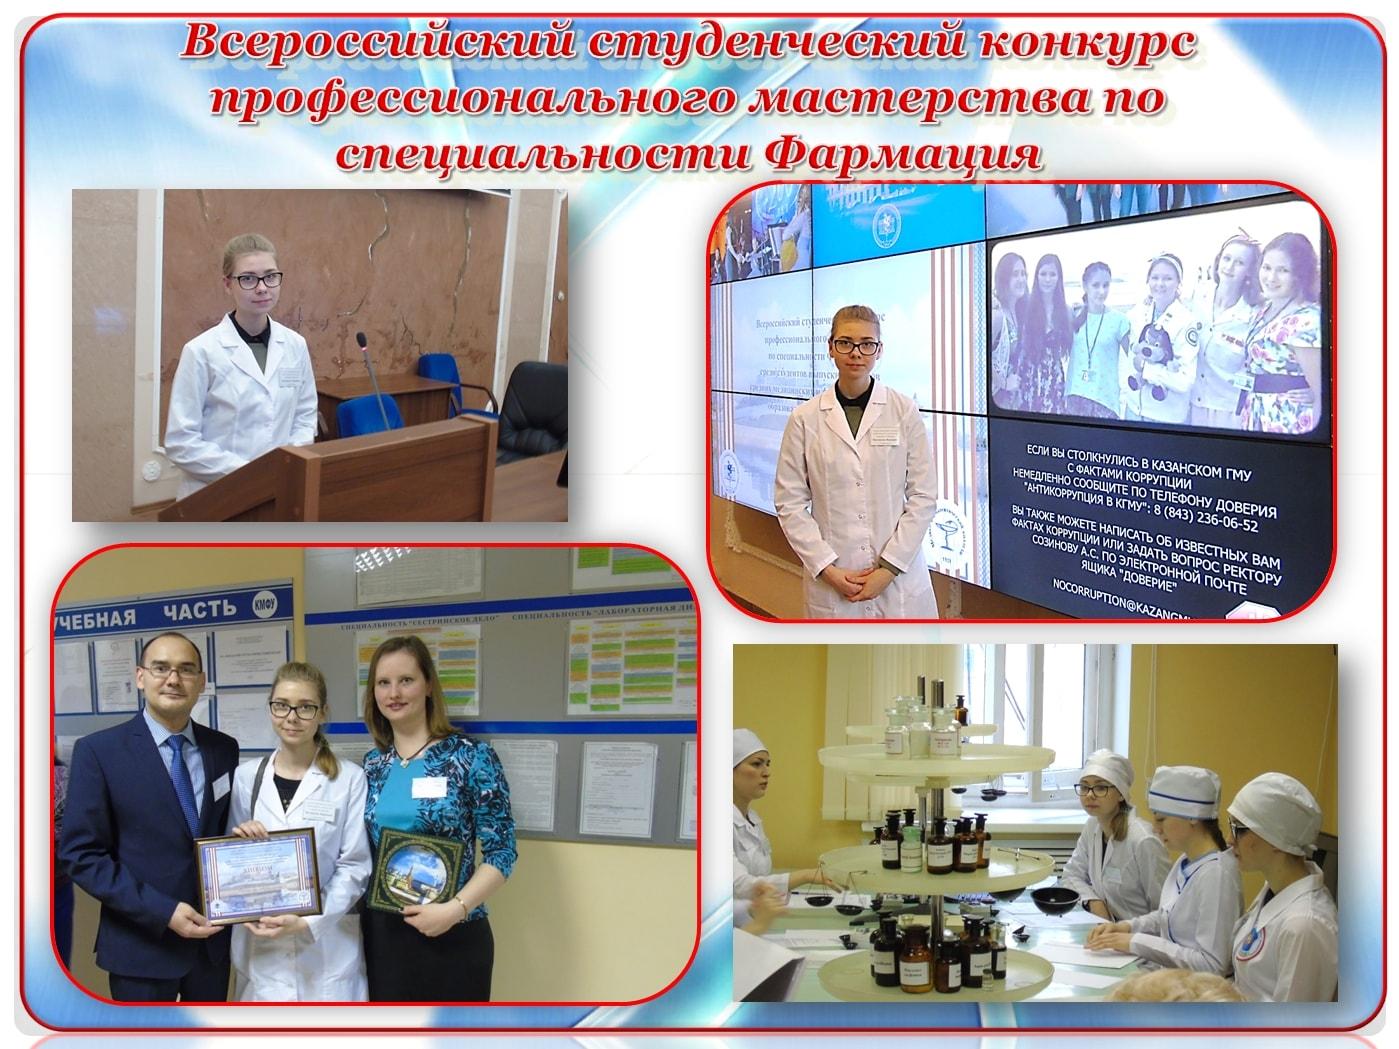 2016.04.21-22 Prof masterstvo Farmaciya